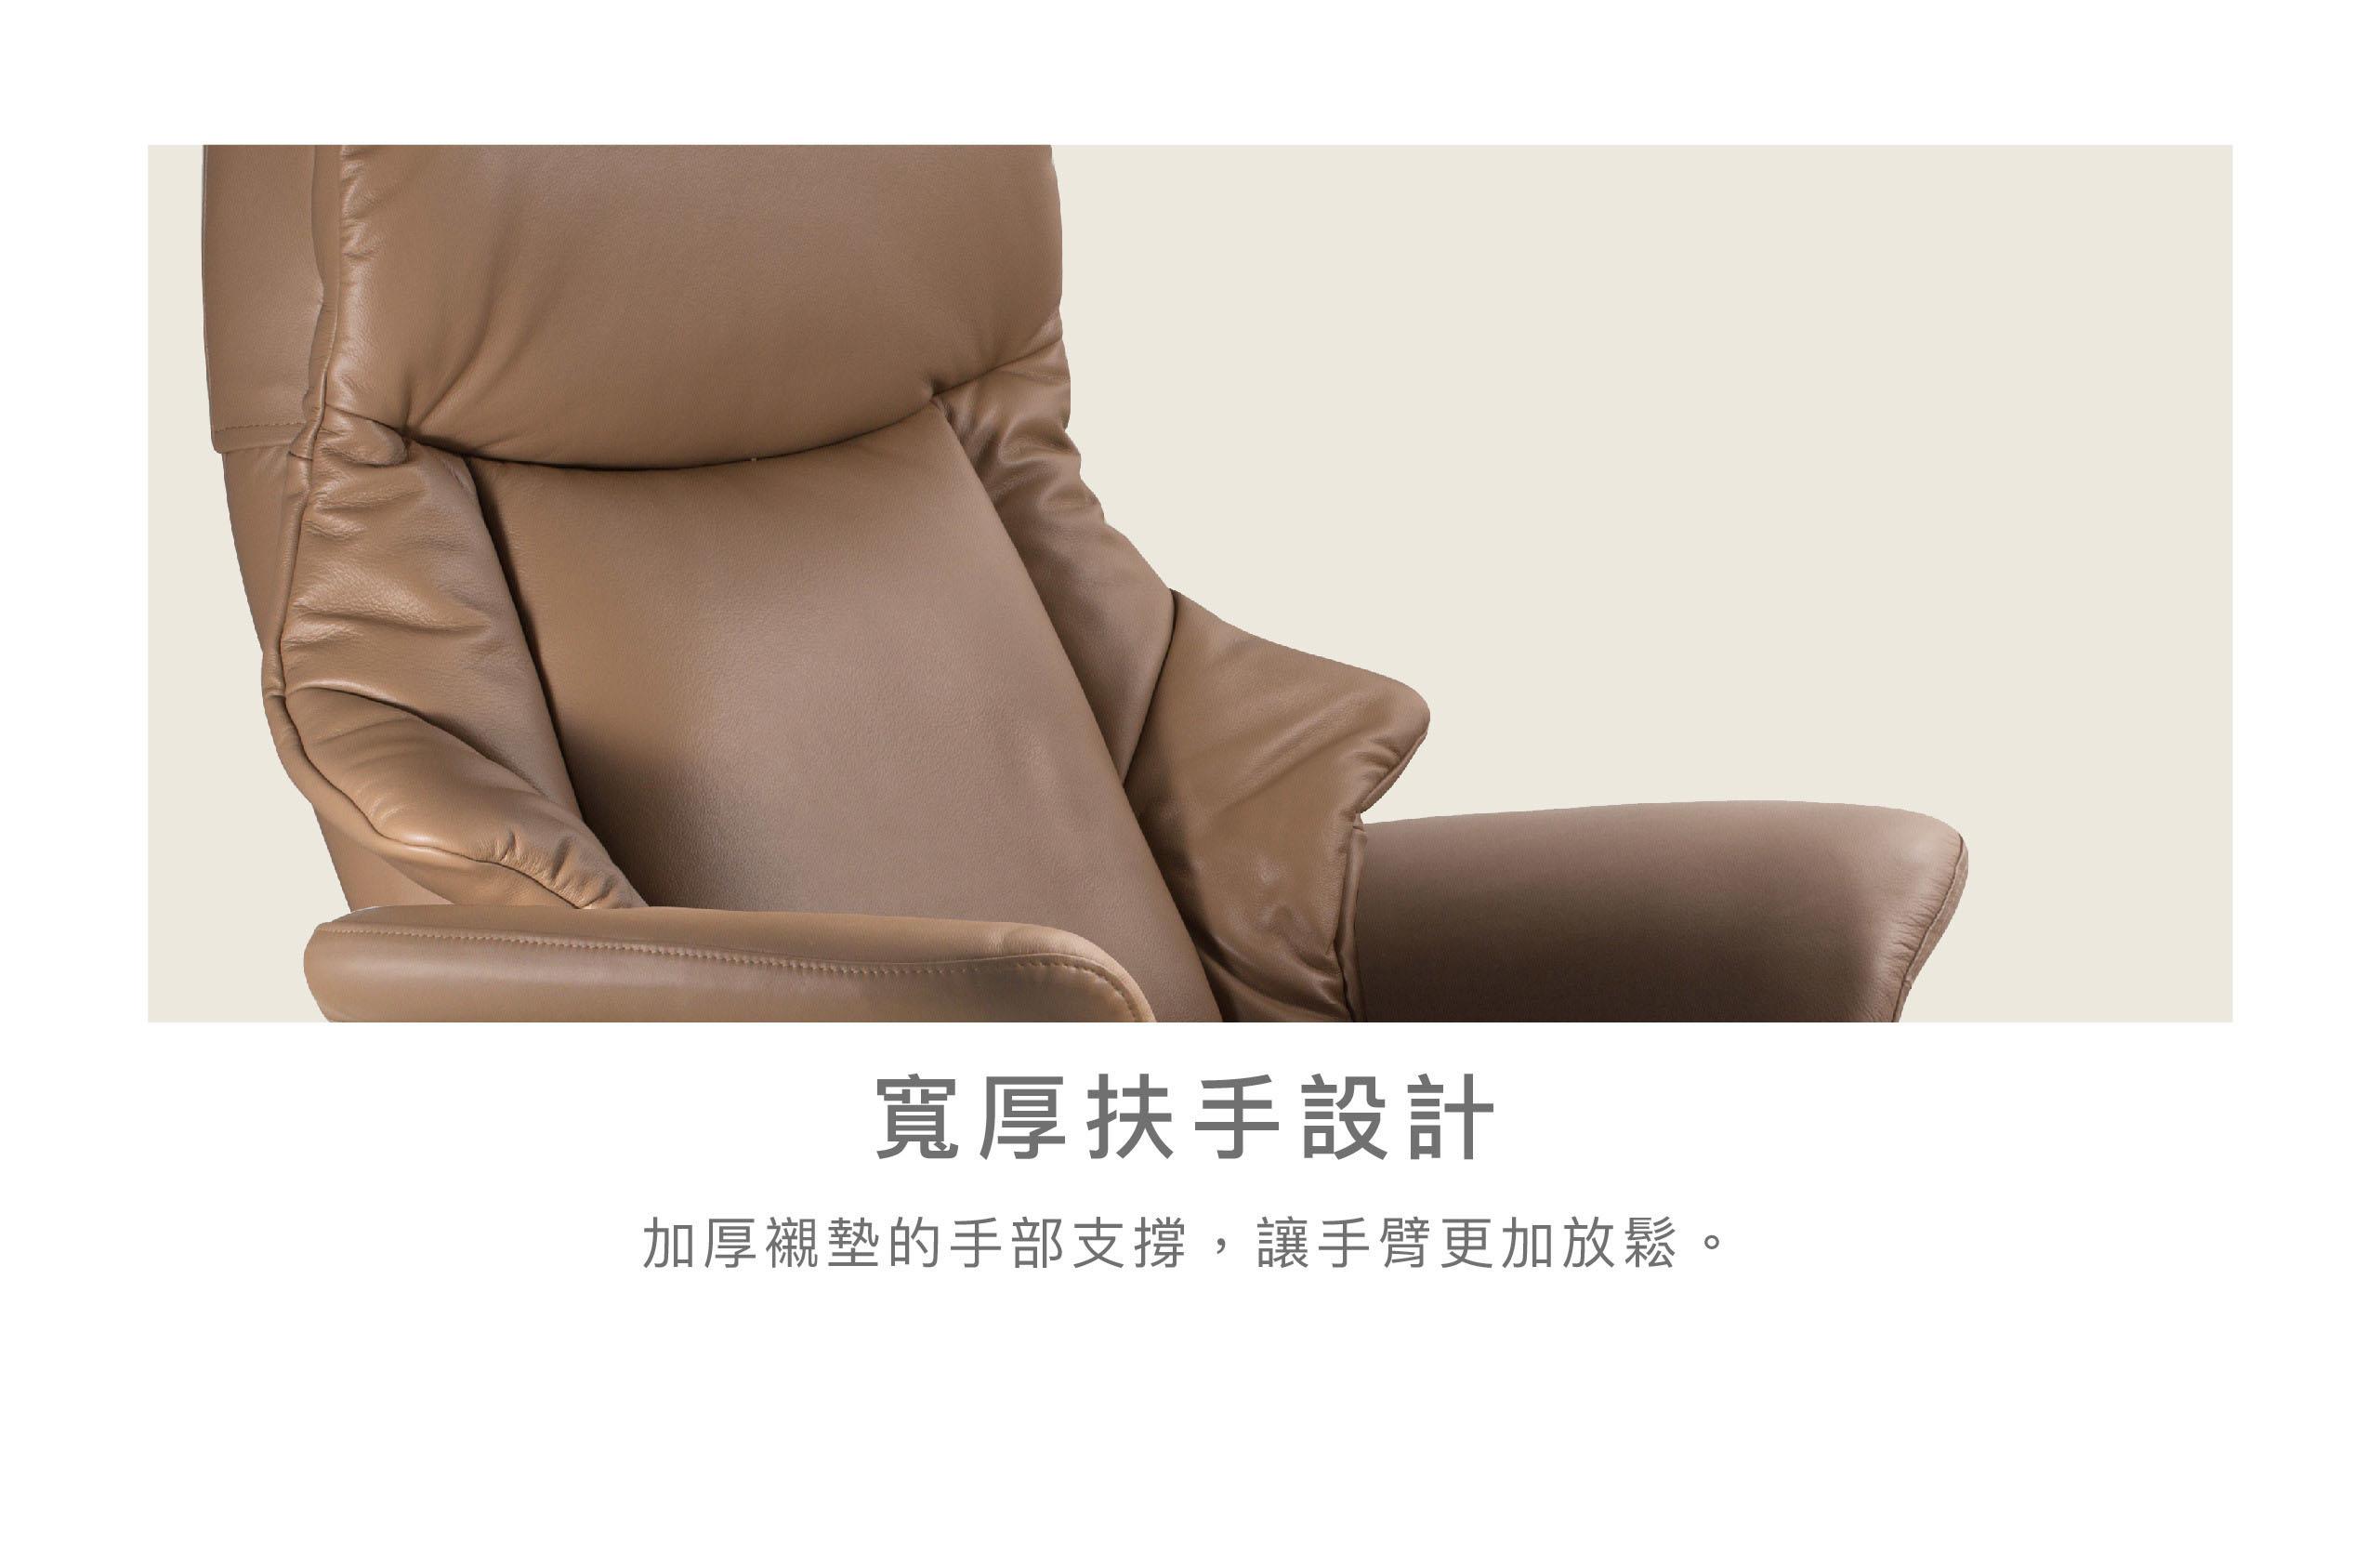 全能休閒椅 lounge chair Angelo 睡眠王國集團